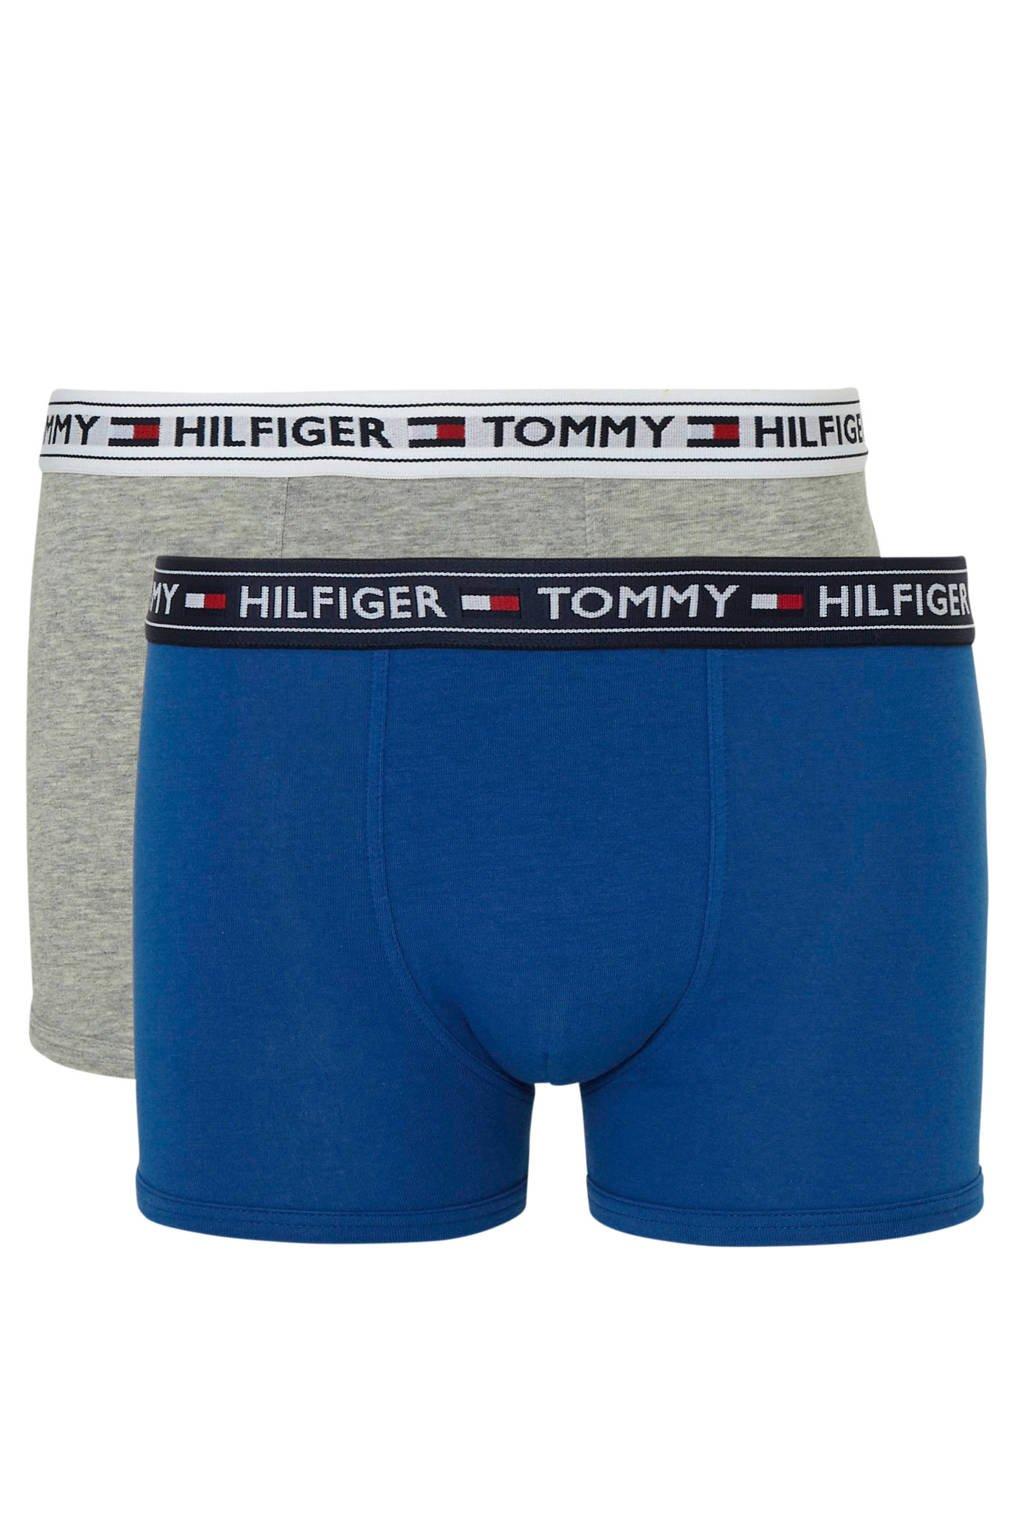 Tommy Hilfiger Junior  boxershort - set van 2 blauw/grijs melange, Blauw/grijs melange